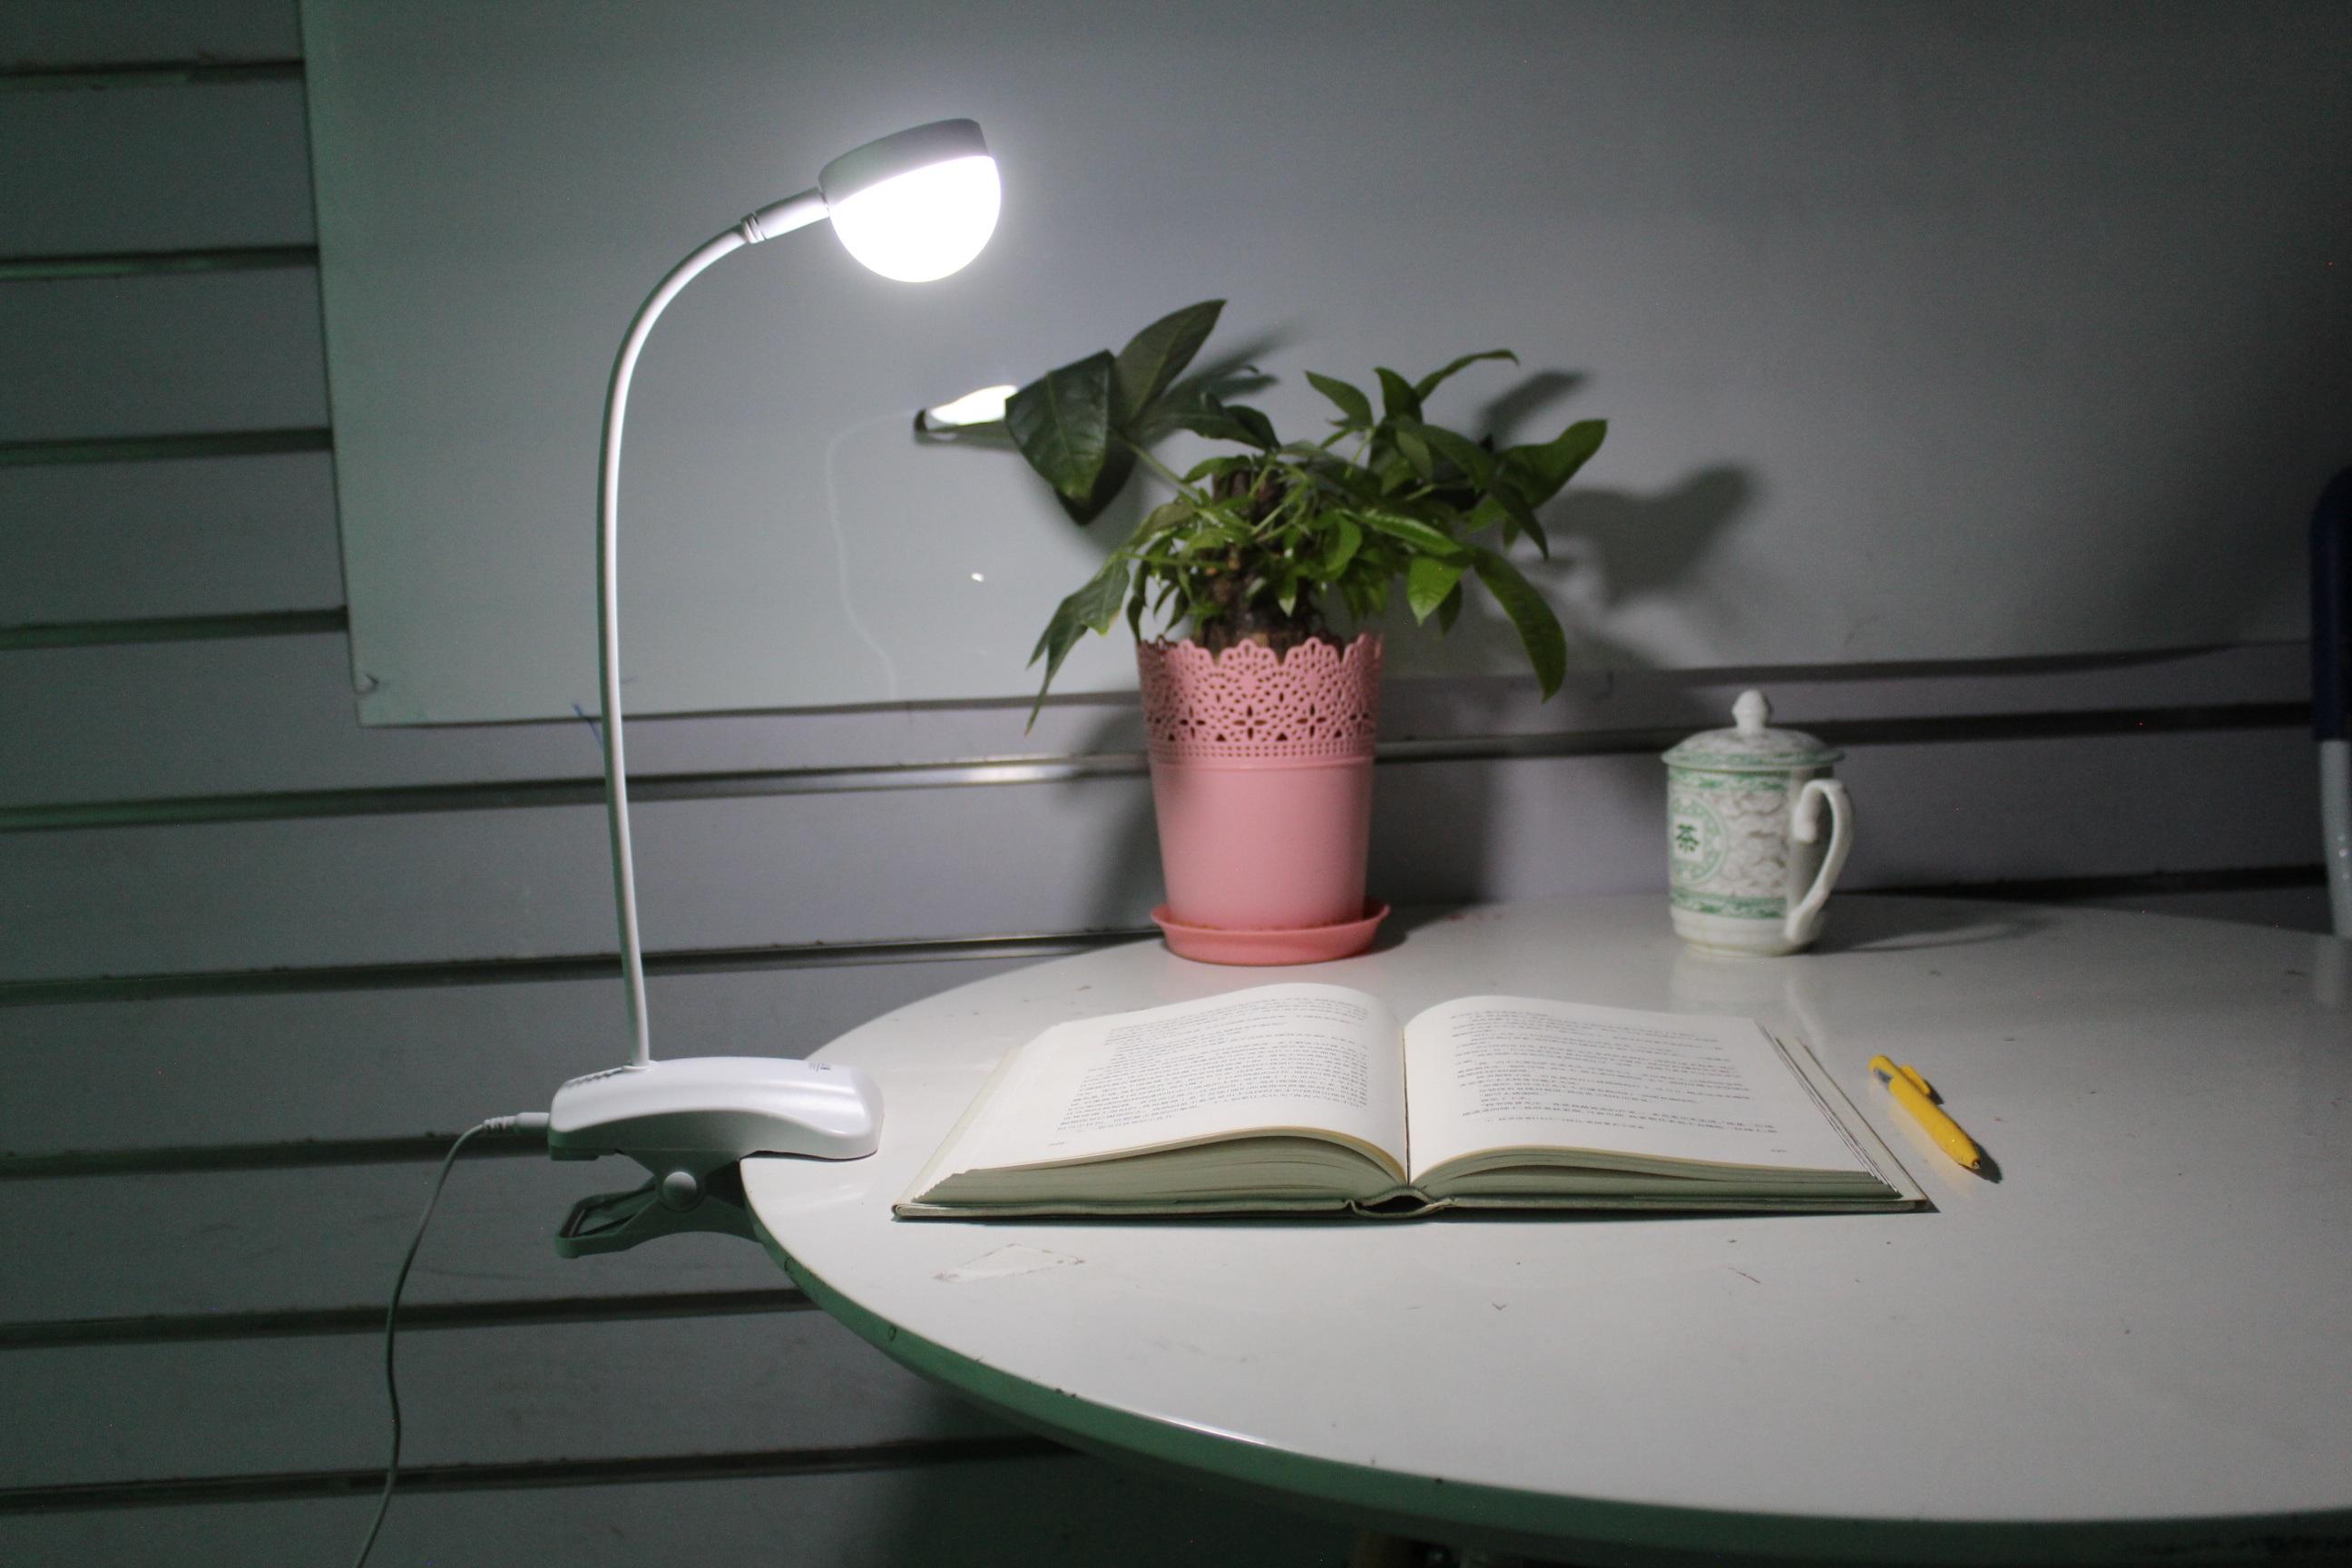 Free fotobanka : stůl, bílý, sklenka, stěna, rákos, strop, zelená, svítilna, nábytek, osvětlení, Vzhled interiéru, design, svítidlo, učení se, stolní lampa, tvar, studie, noční světlo, Otevři knihu, pozdě v noci, Žaluzie okna